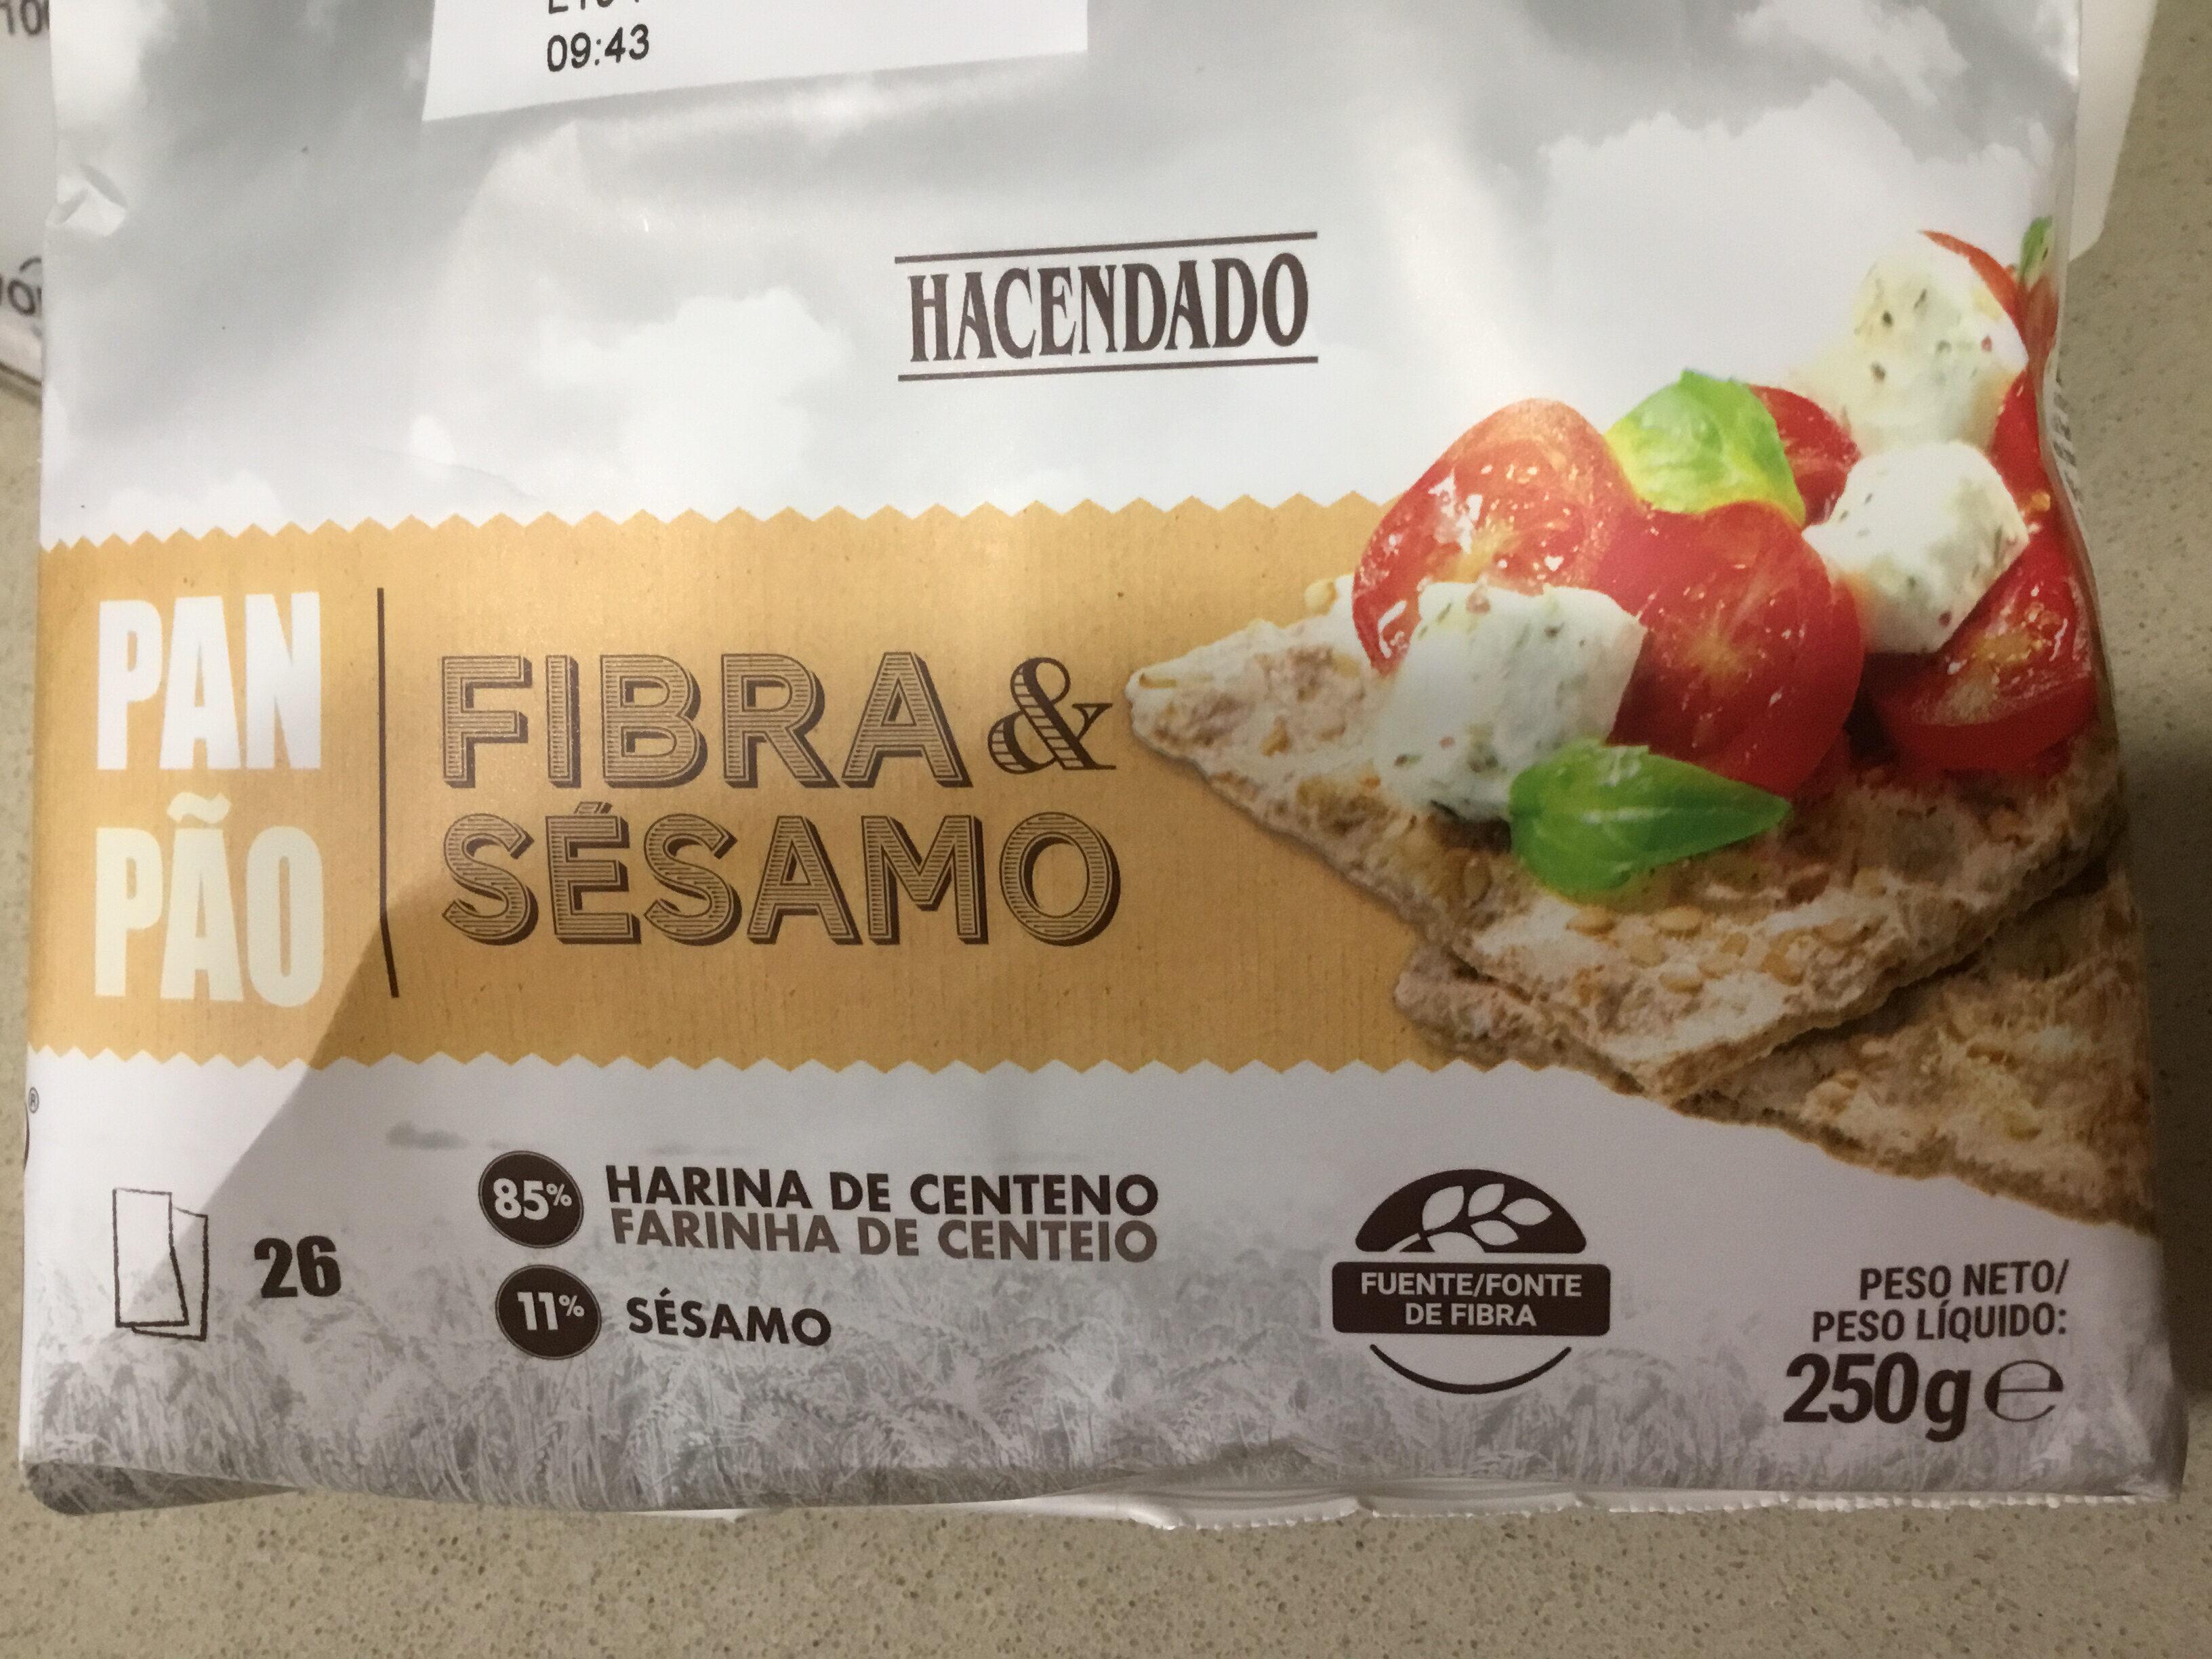 Pan fibra y sésamo - Producto - es